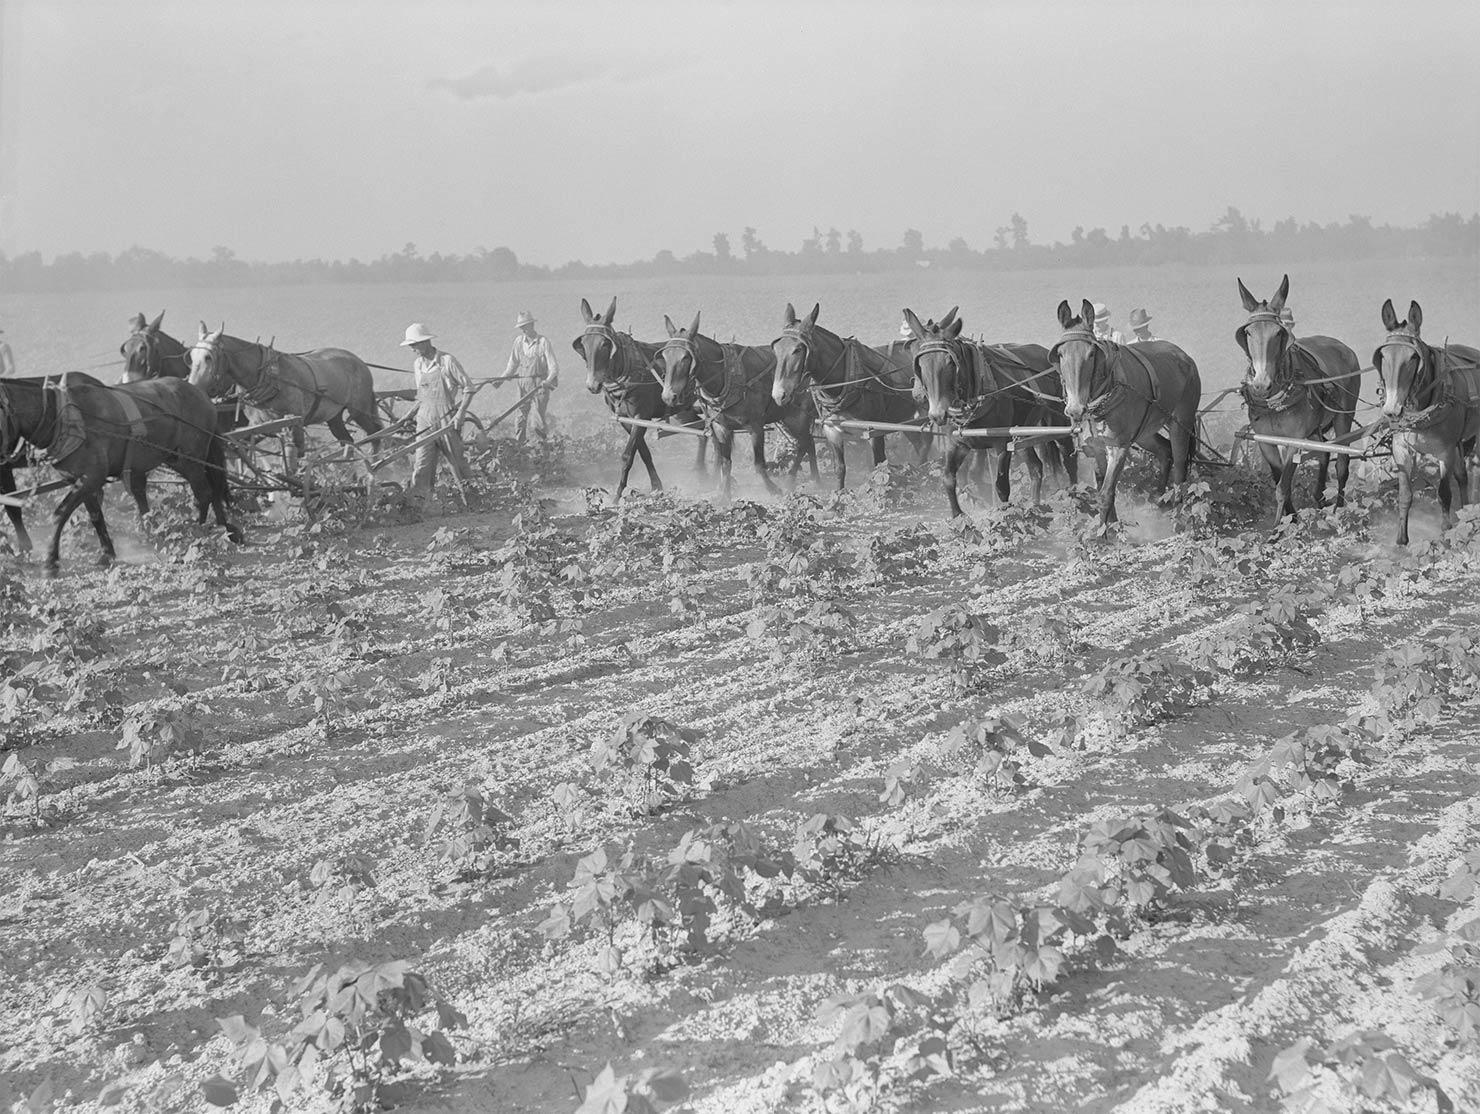 アーカンソー州ディック湖の綿花畑